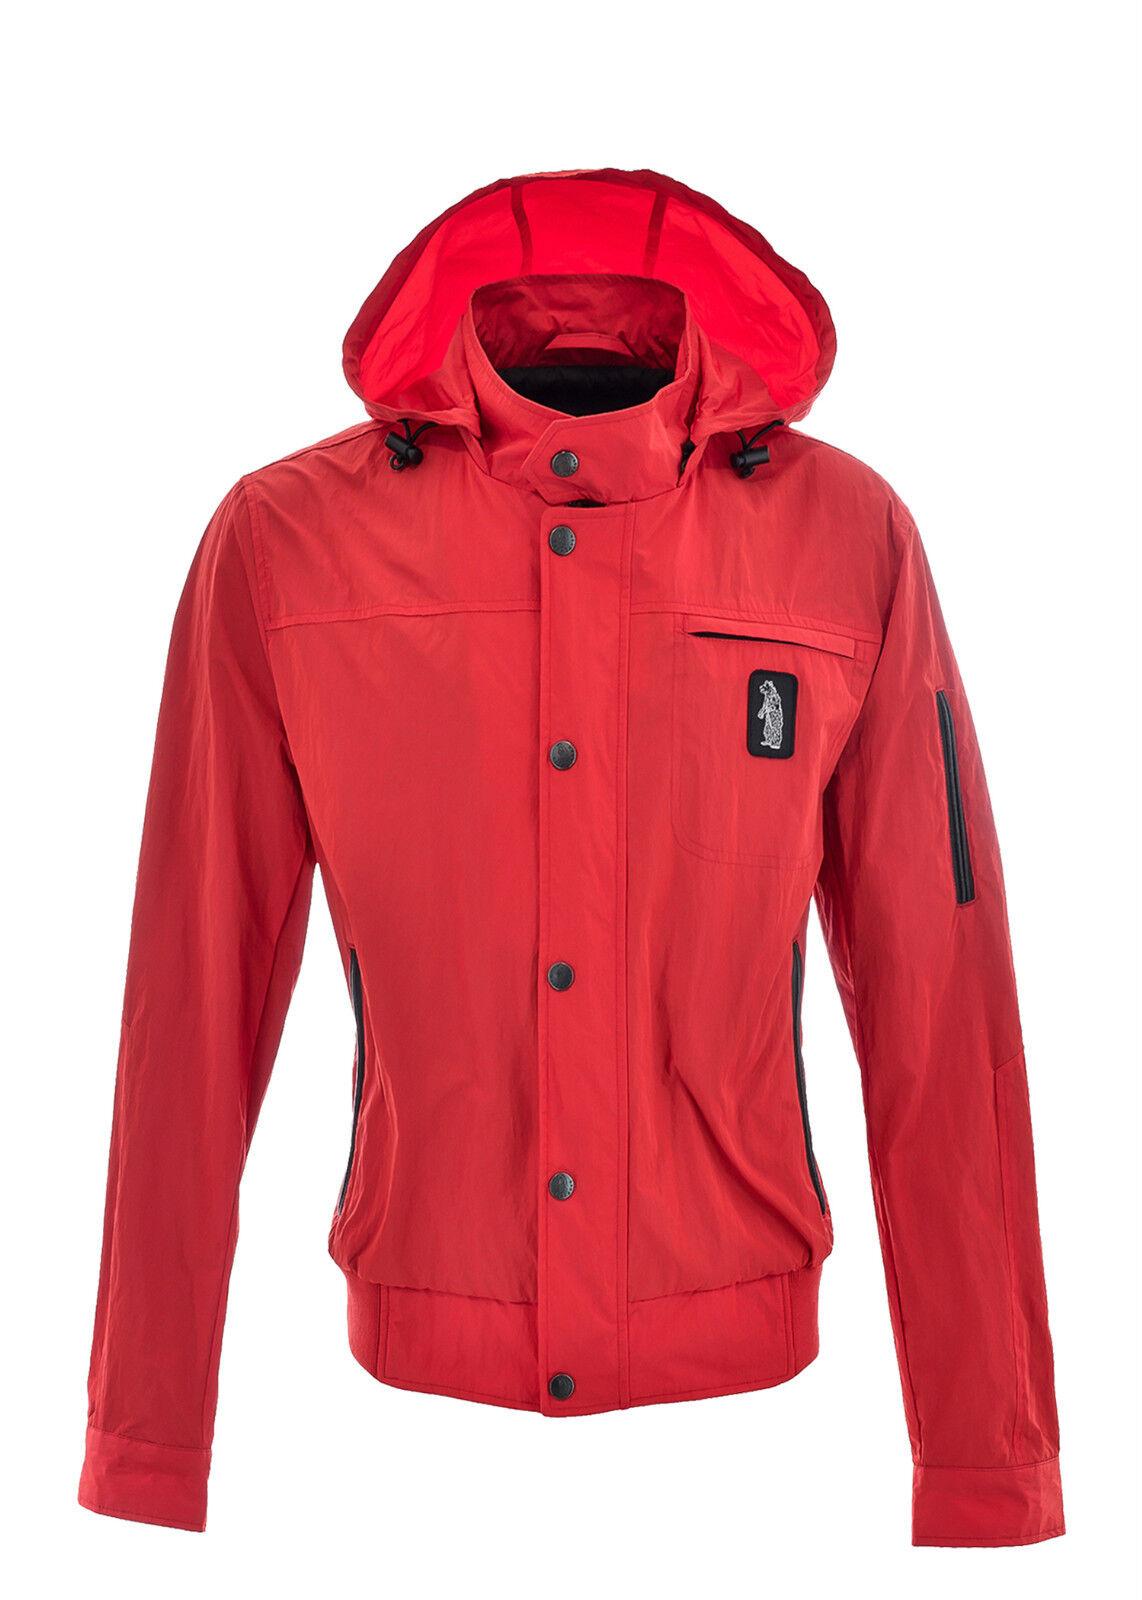 Giubbotto - REFRIGUE in tessuto tecnico - Giubbotto vestibilità piccola - in PROMOZIONE e23164